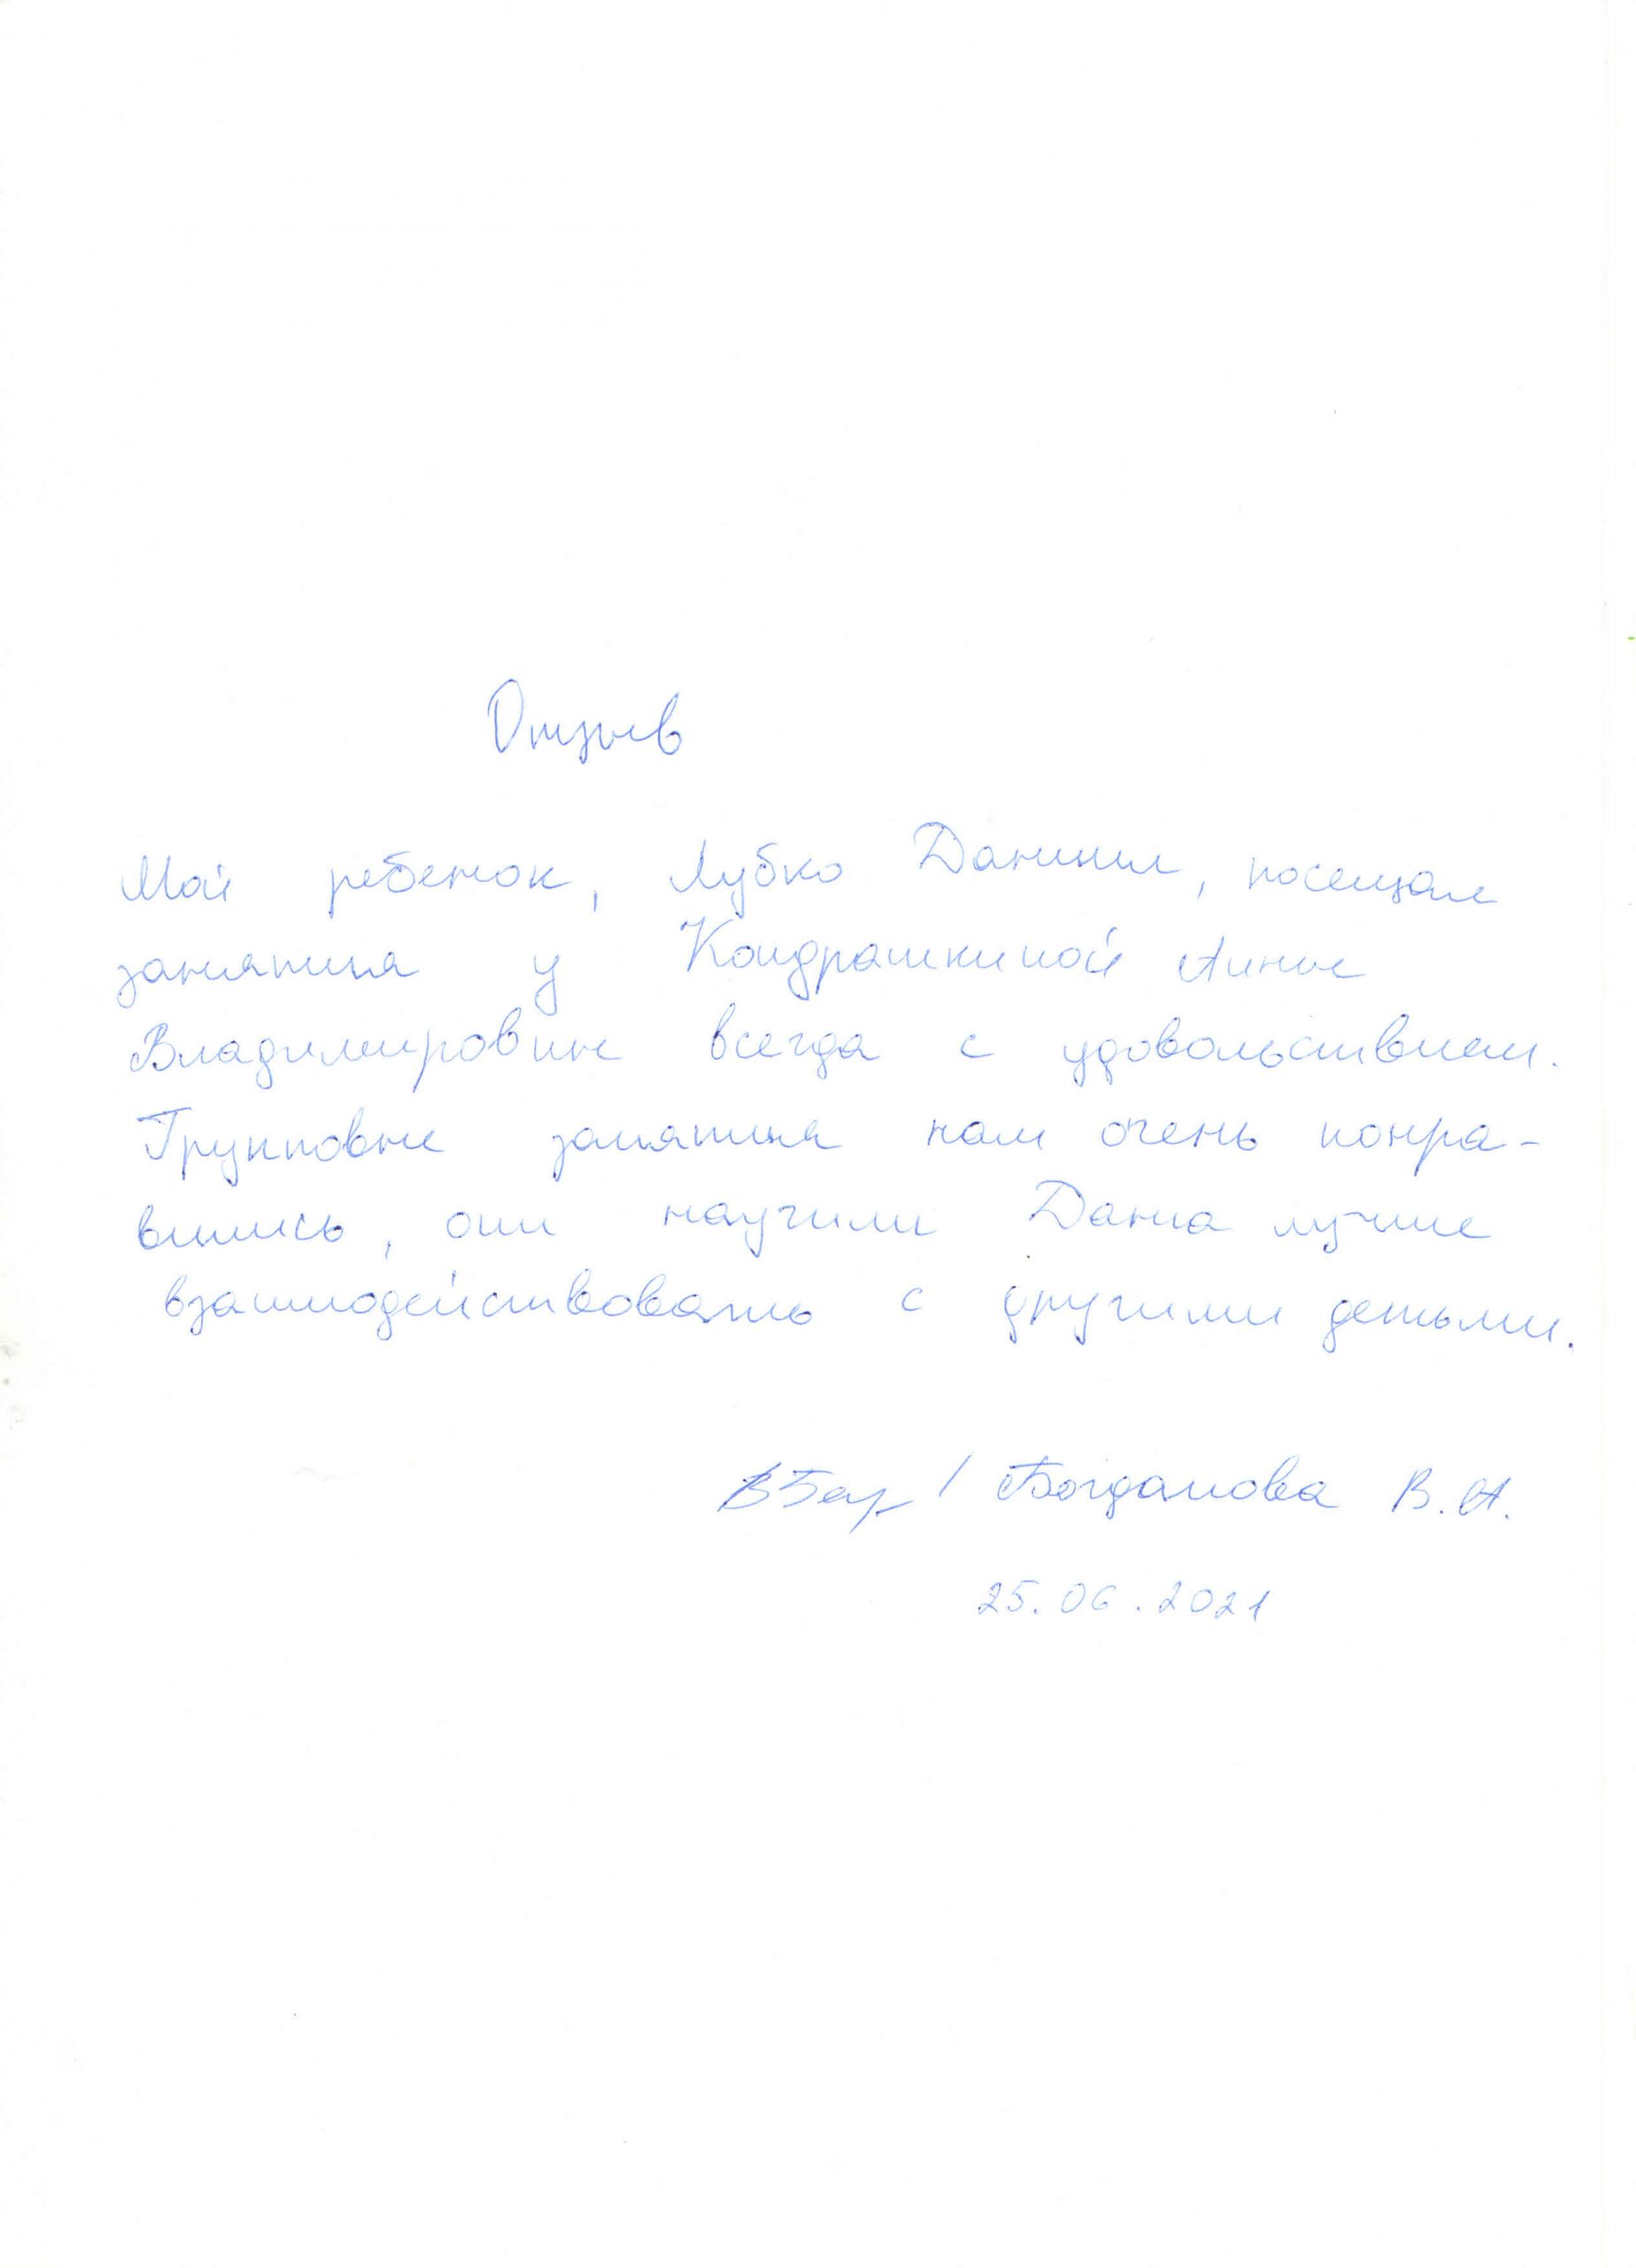 Кондрашкина 25.06.2021